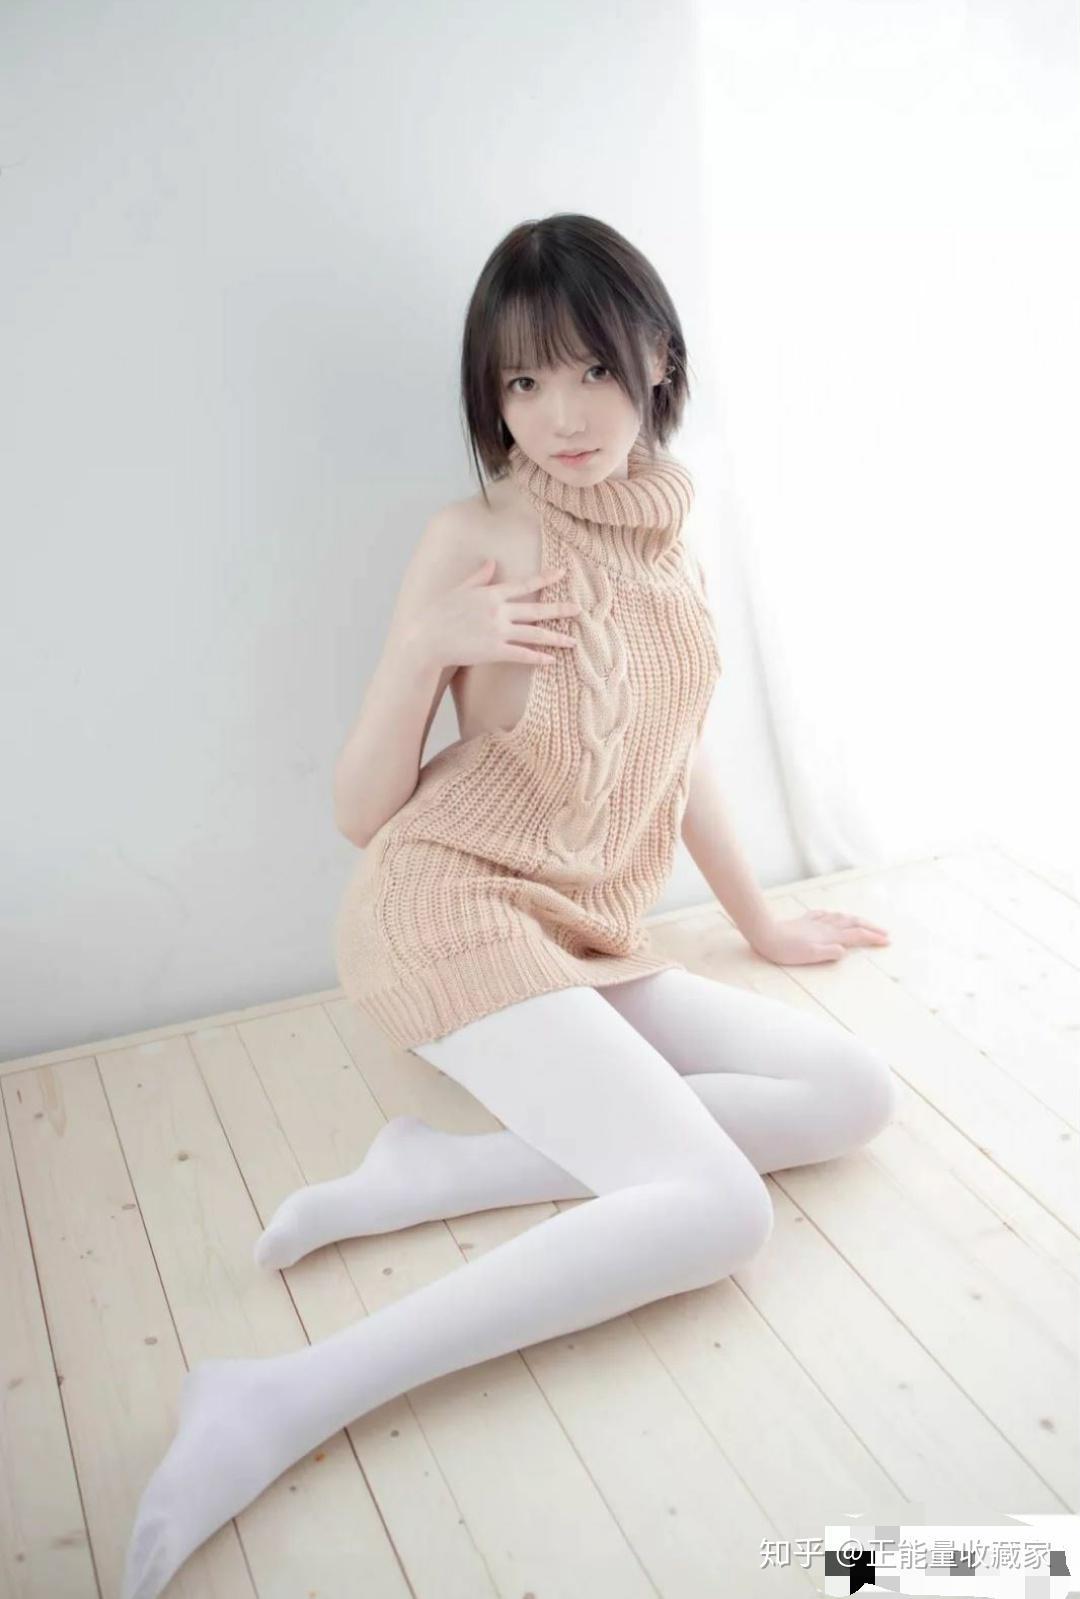 森女系服装_白色丝袜要怎么穿才好看 - 知乎